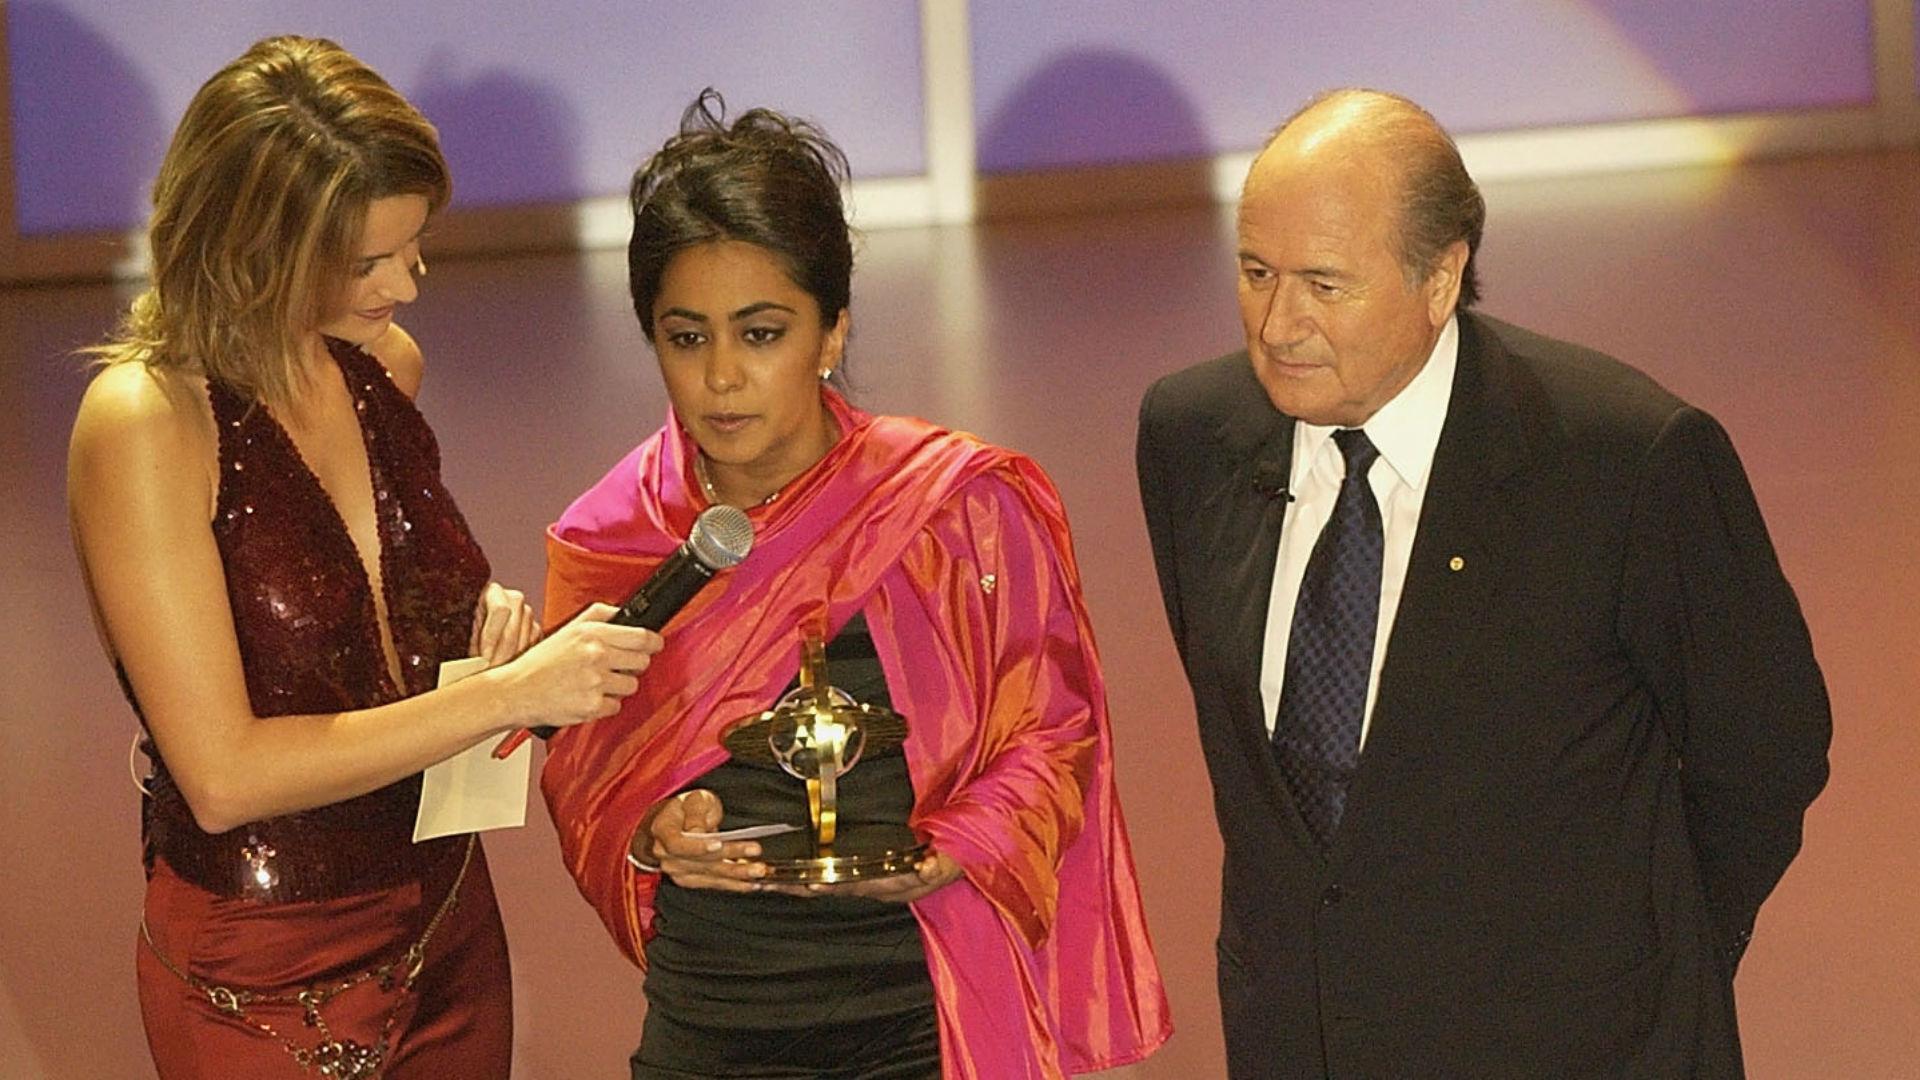 Parminder Nagra Sepp Blatter FIFA Presidential Award 2002